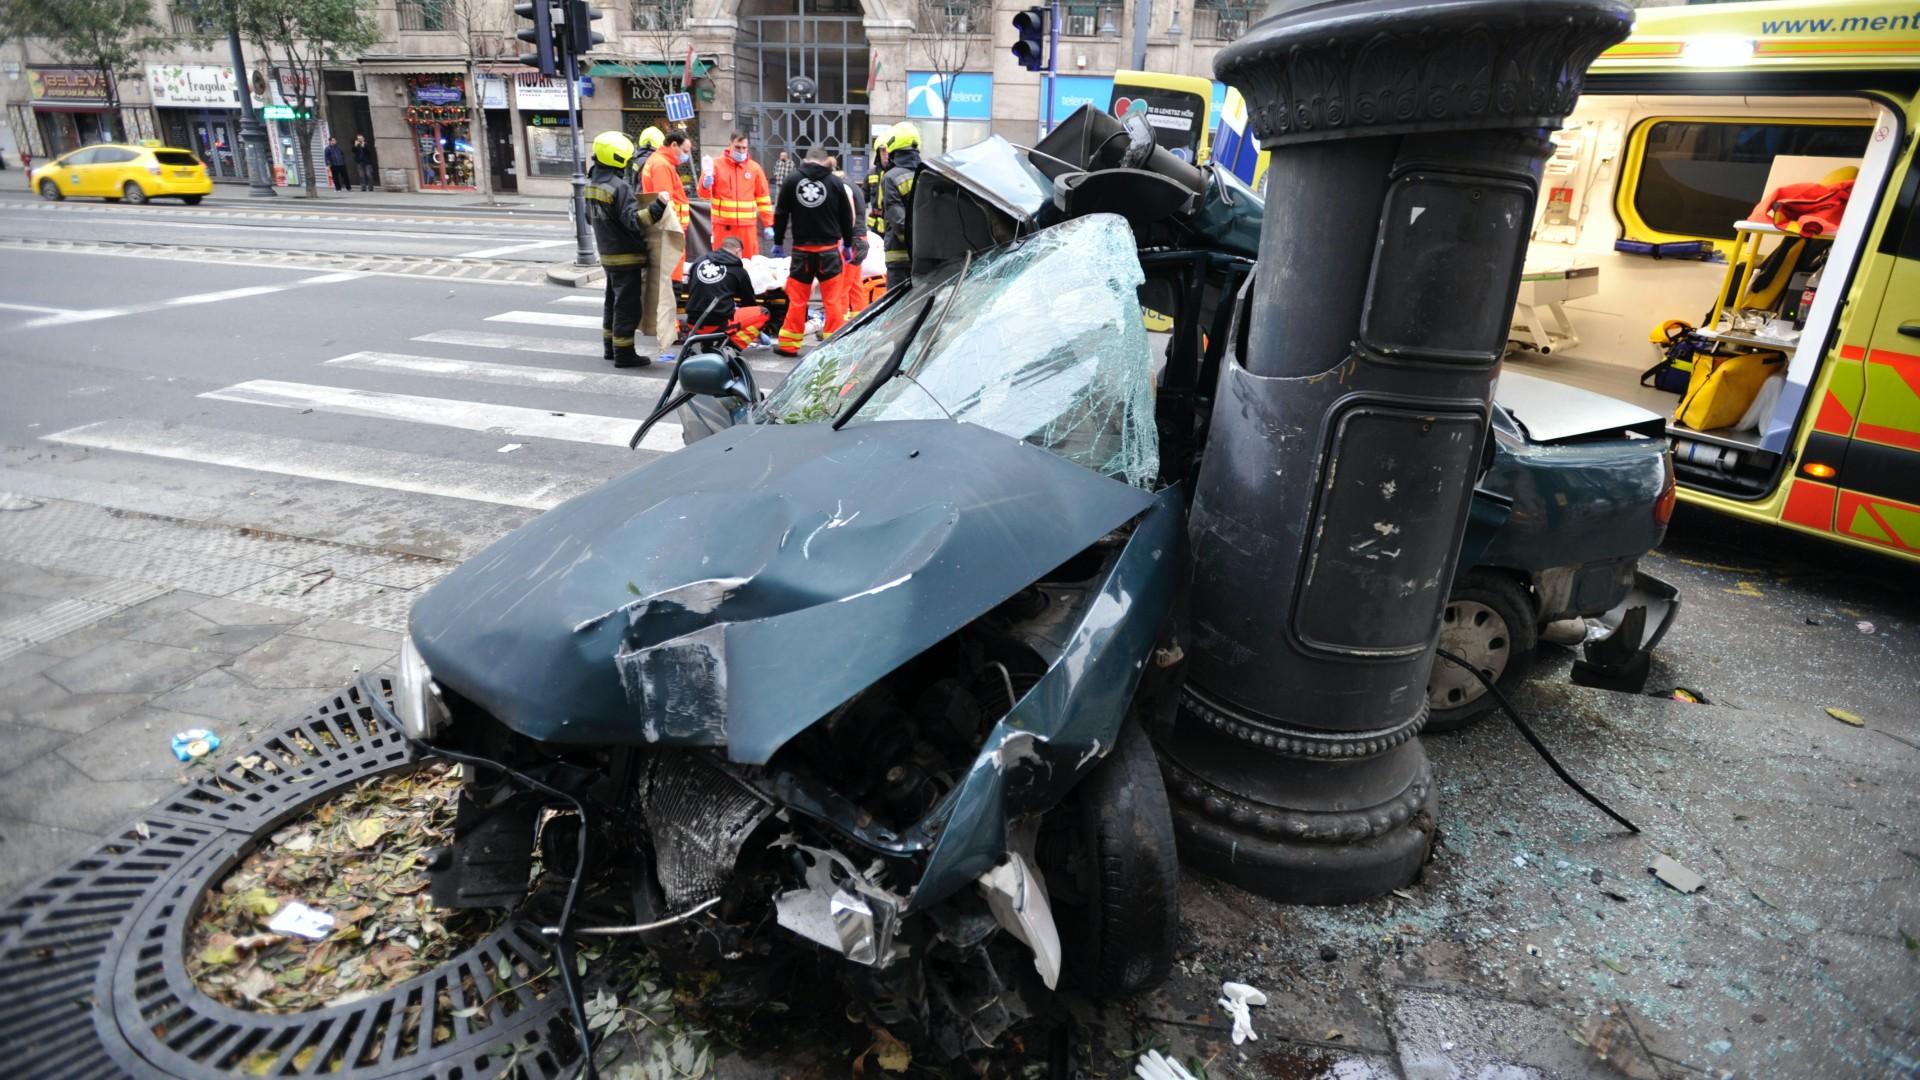 Halálos baleset a belvárosban: egy 17 éves fiú az áldozat